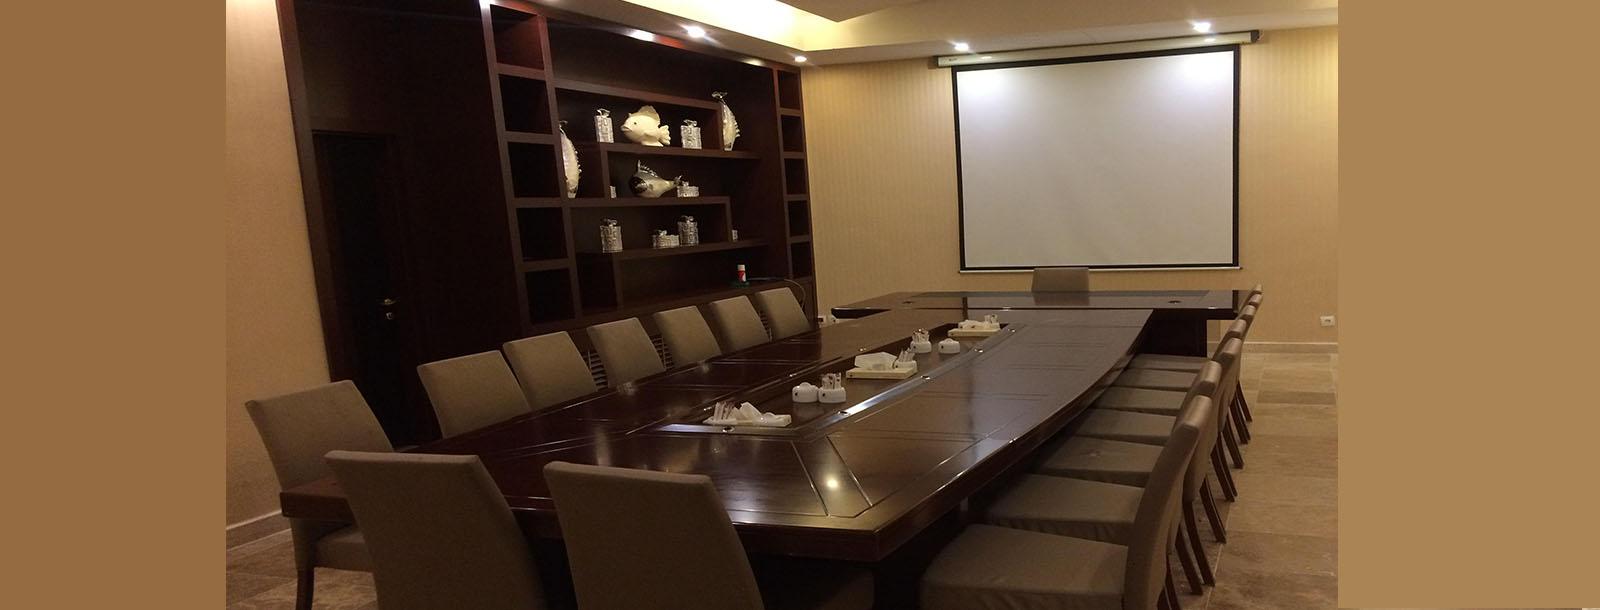 سالن جلسات